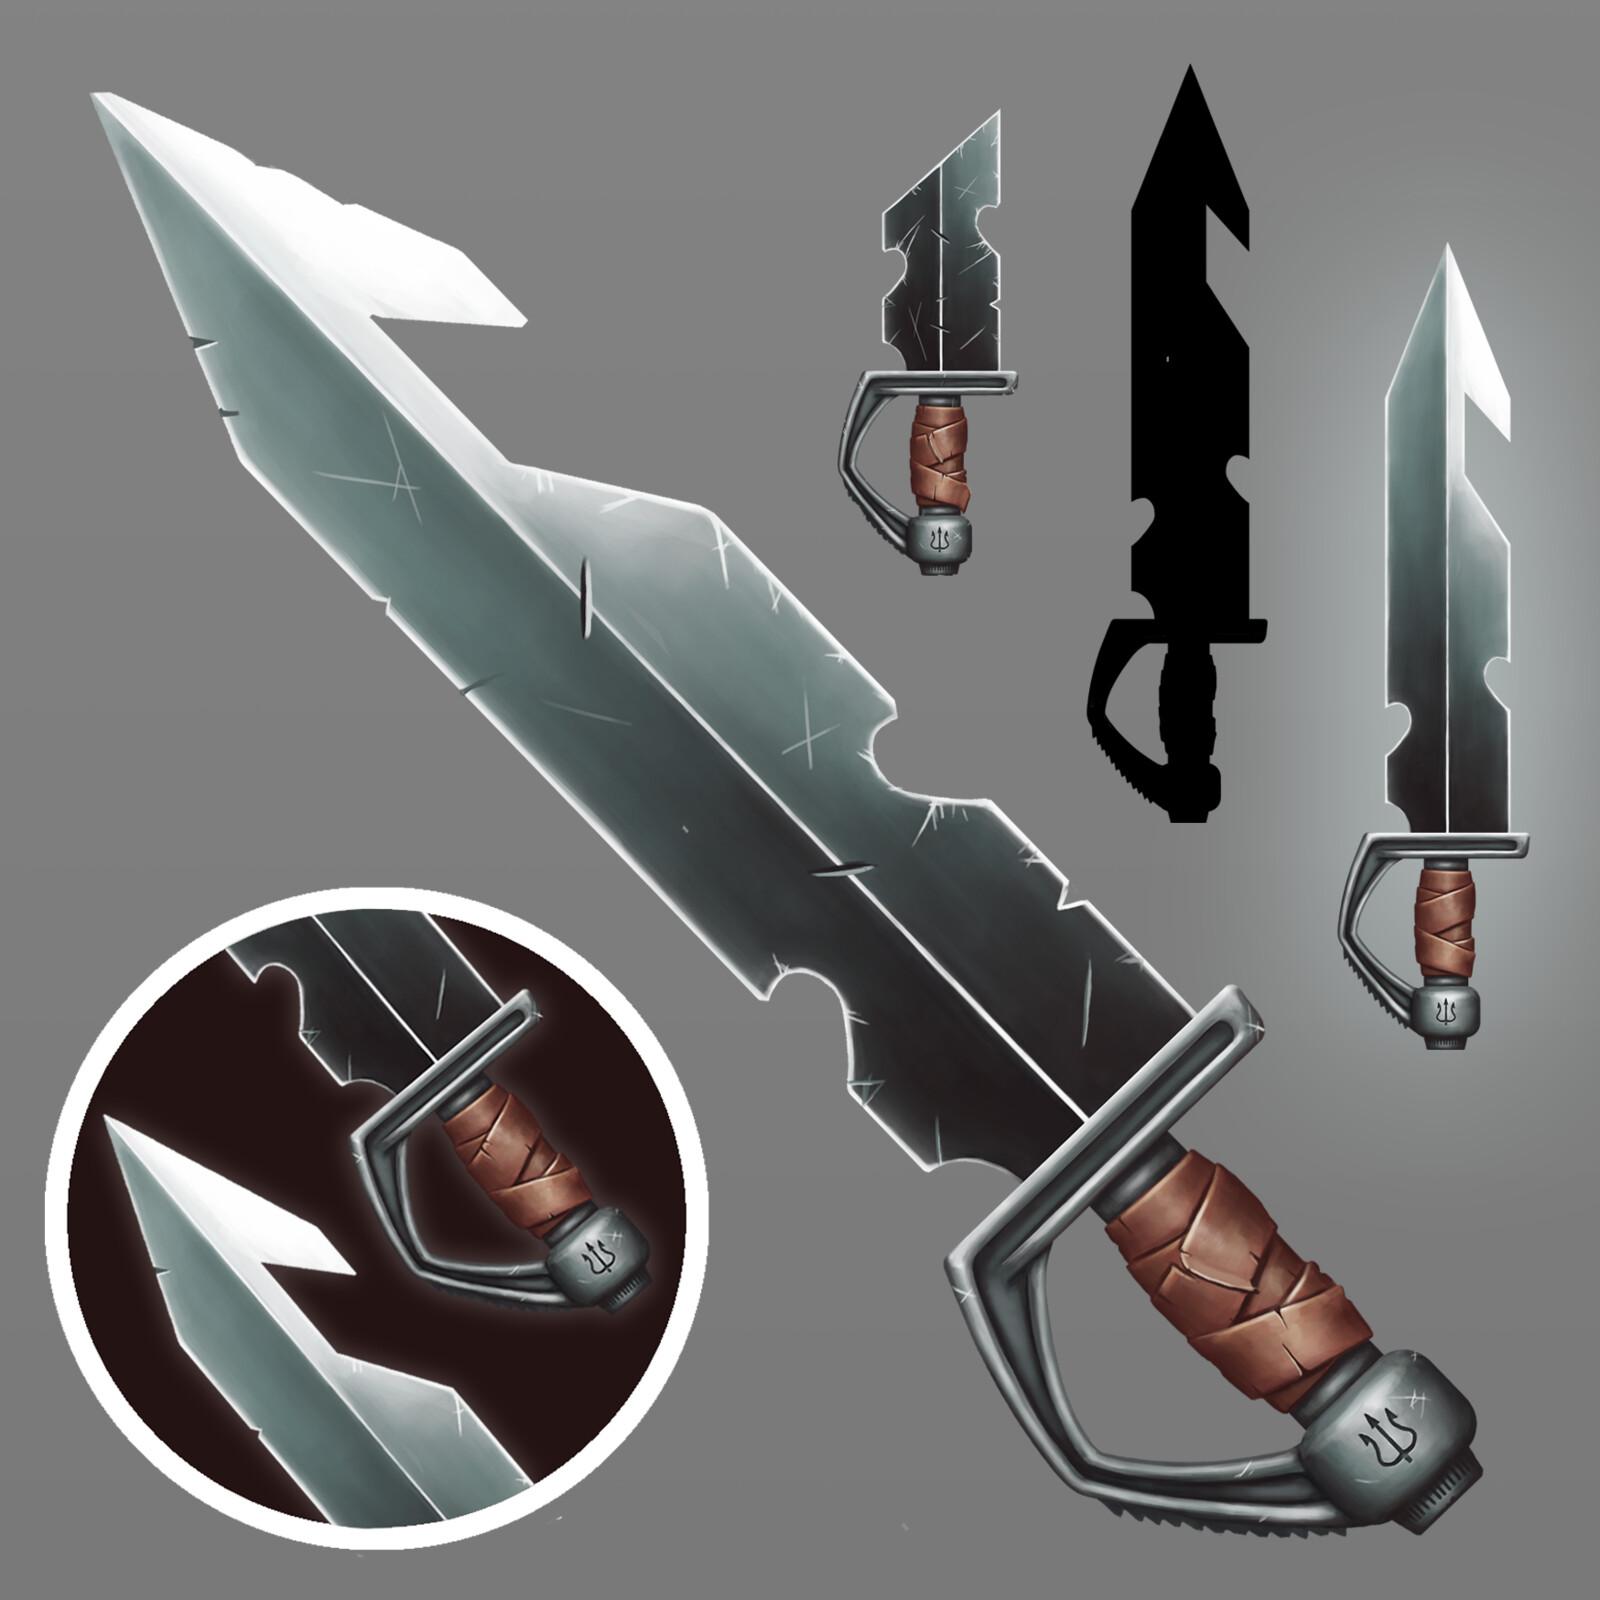 2D Sword Game Assets